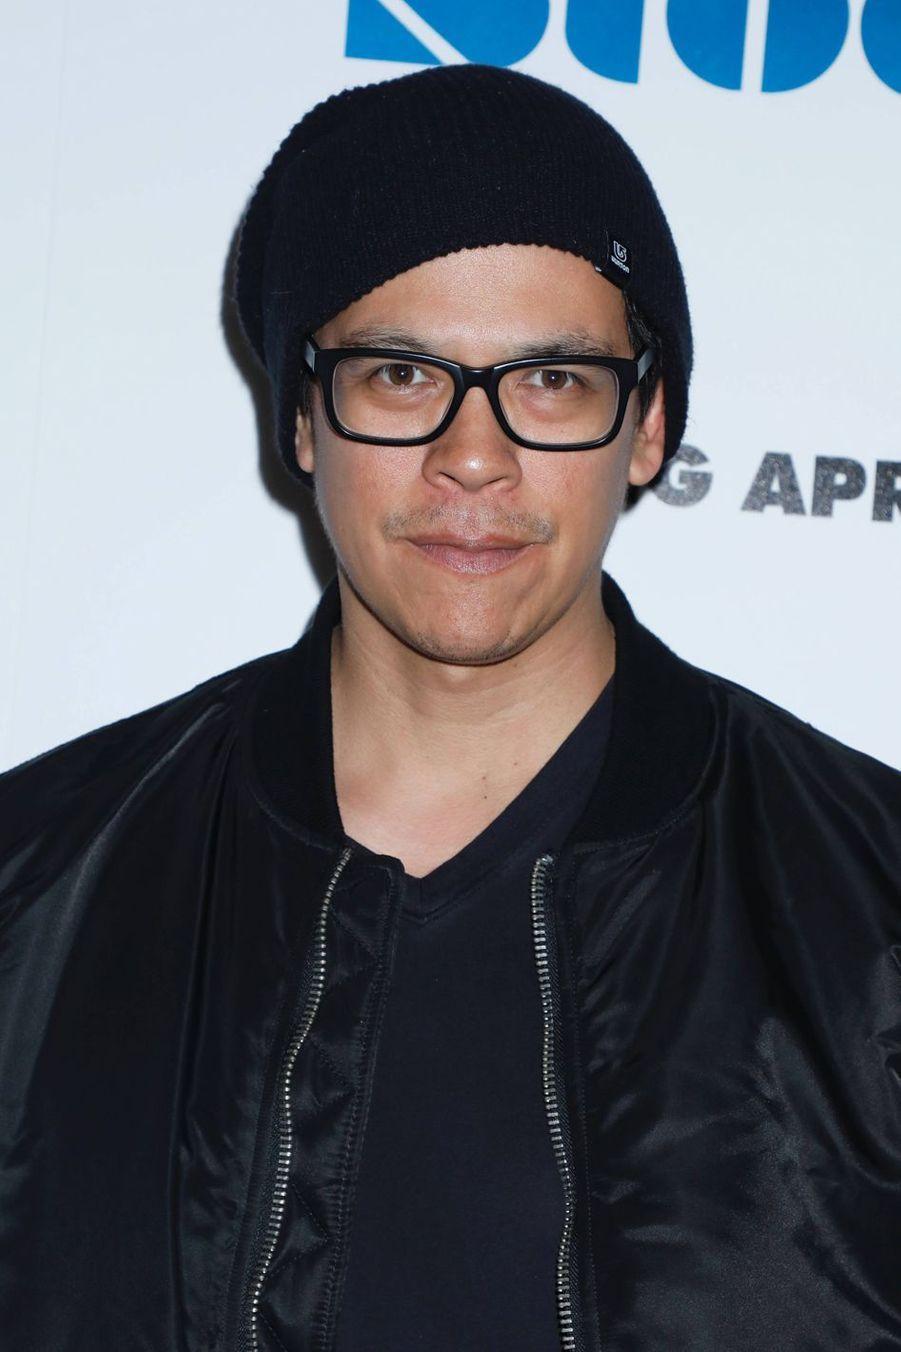 Chaske Spencer. L'acteur de 44 ans se montre surtout à la télévision. Depuis 2017, il jouait dans «Sneaky Pete», série Amazon annulée en 2019. Il joue également dans «Blindspot», série qu'il a intégrée à partir de la saison 4.